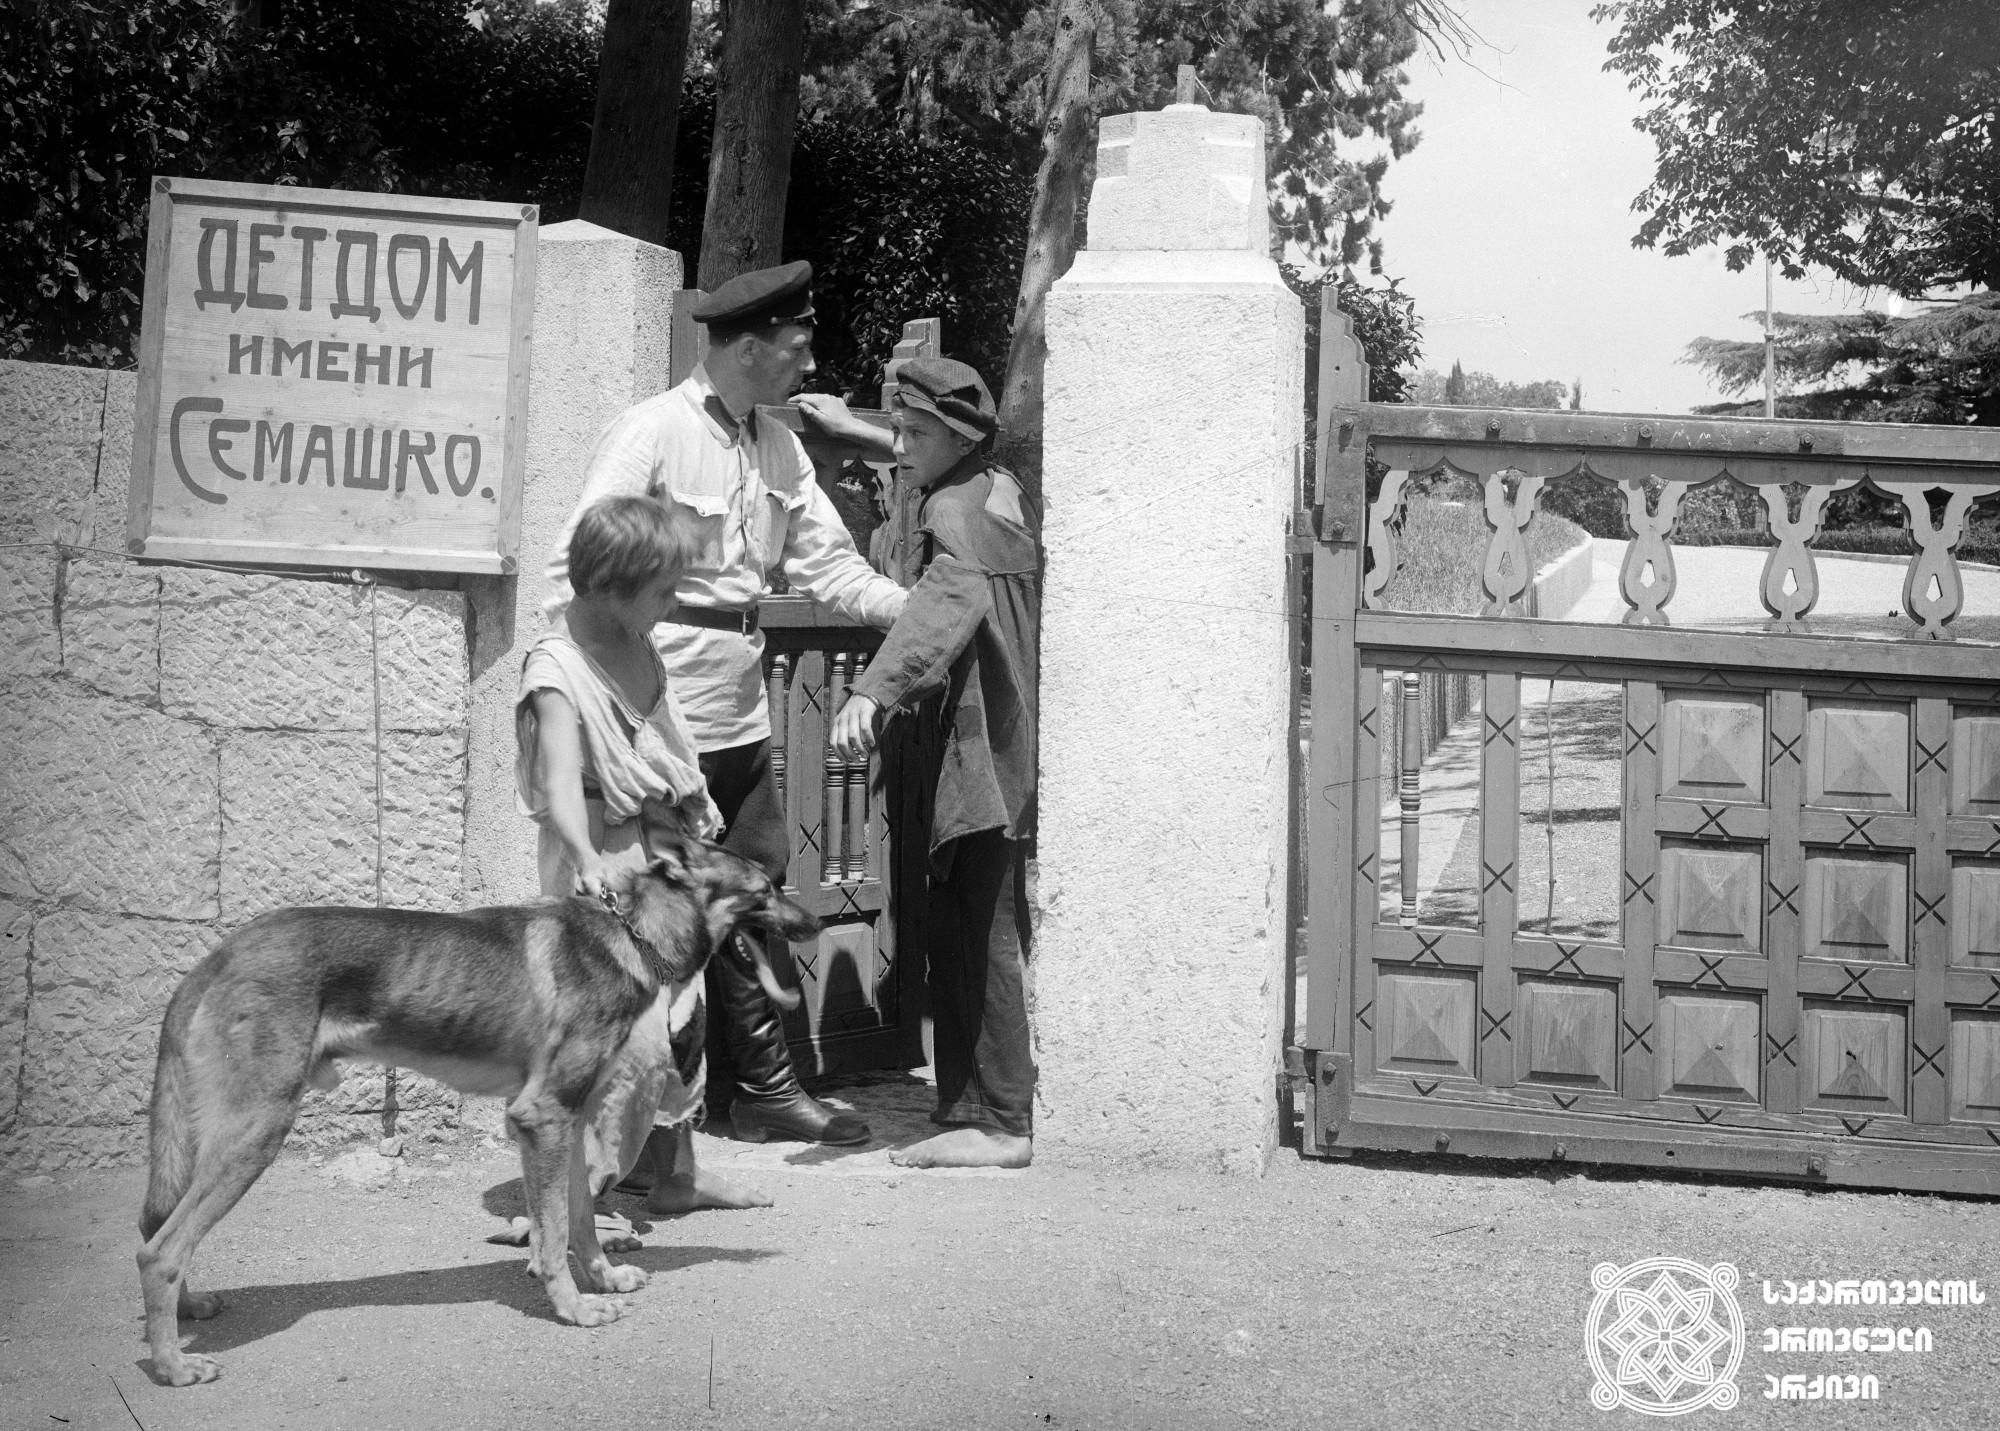 """""""მიტკ, პეტკა და ჩემბერლენი"""". 1927. <br>  რეჟისორი: ალექსანდრე სეგელი. <br> სცენარის ავტორი: ი.ფილდერი.  ოპერატორი: ა.ვინკლერი. <br>  Mitka, Petka and Chemberlen. 1927. <br> Director: Alexander Segel. <br> Screenwriter: I. Filder.  Camera operator: A. Vinkler."""